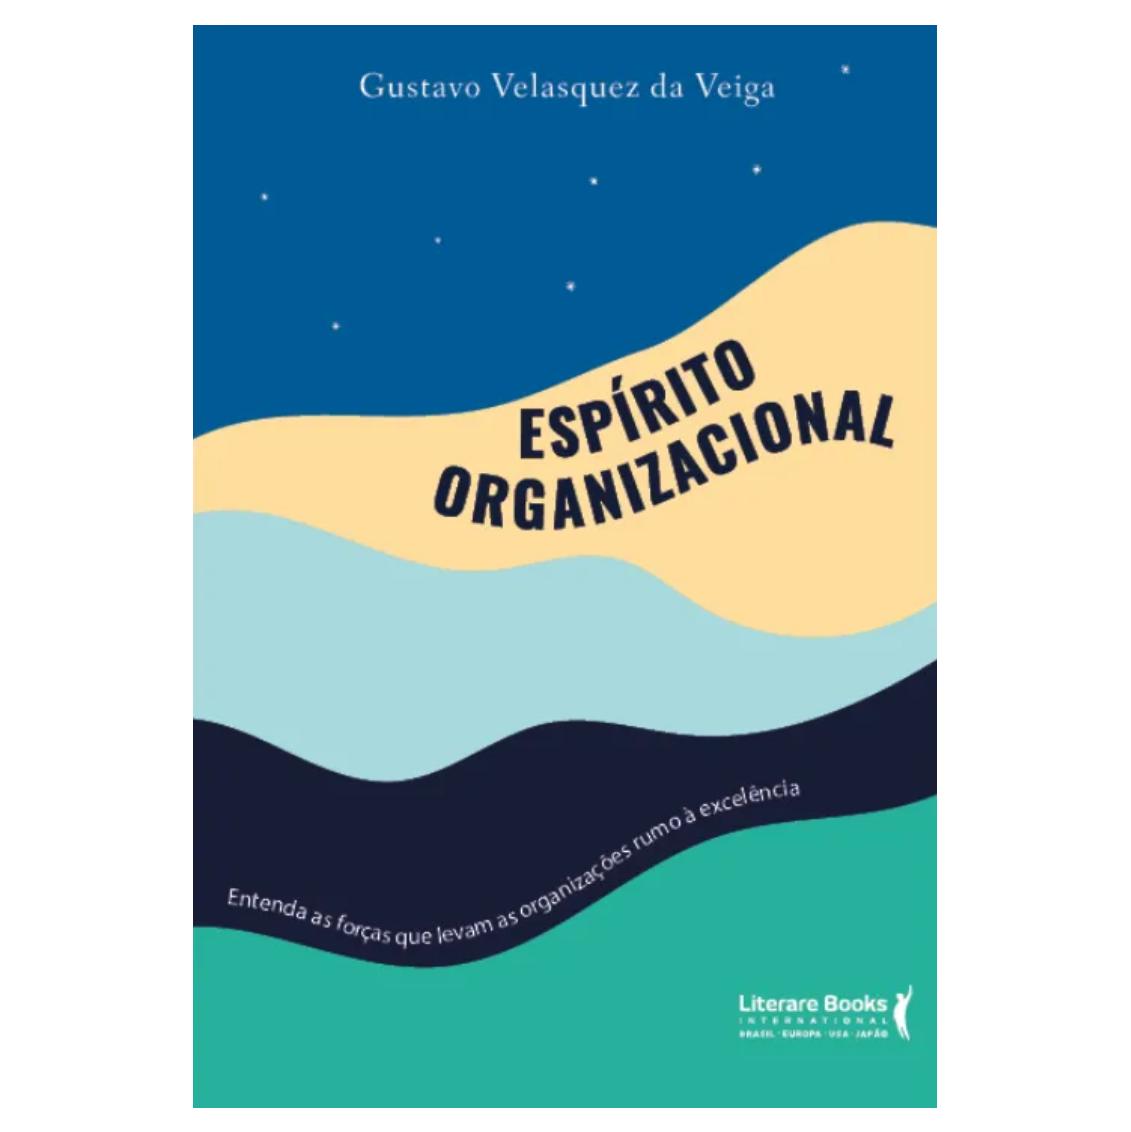 Espírito organizacional: entenda as forças que levam as organizações rumo à excelência